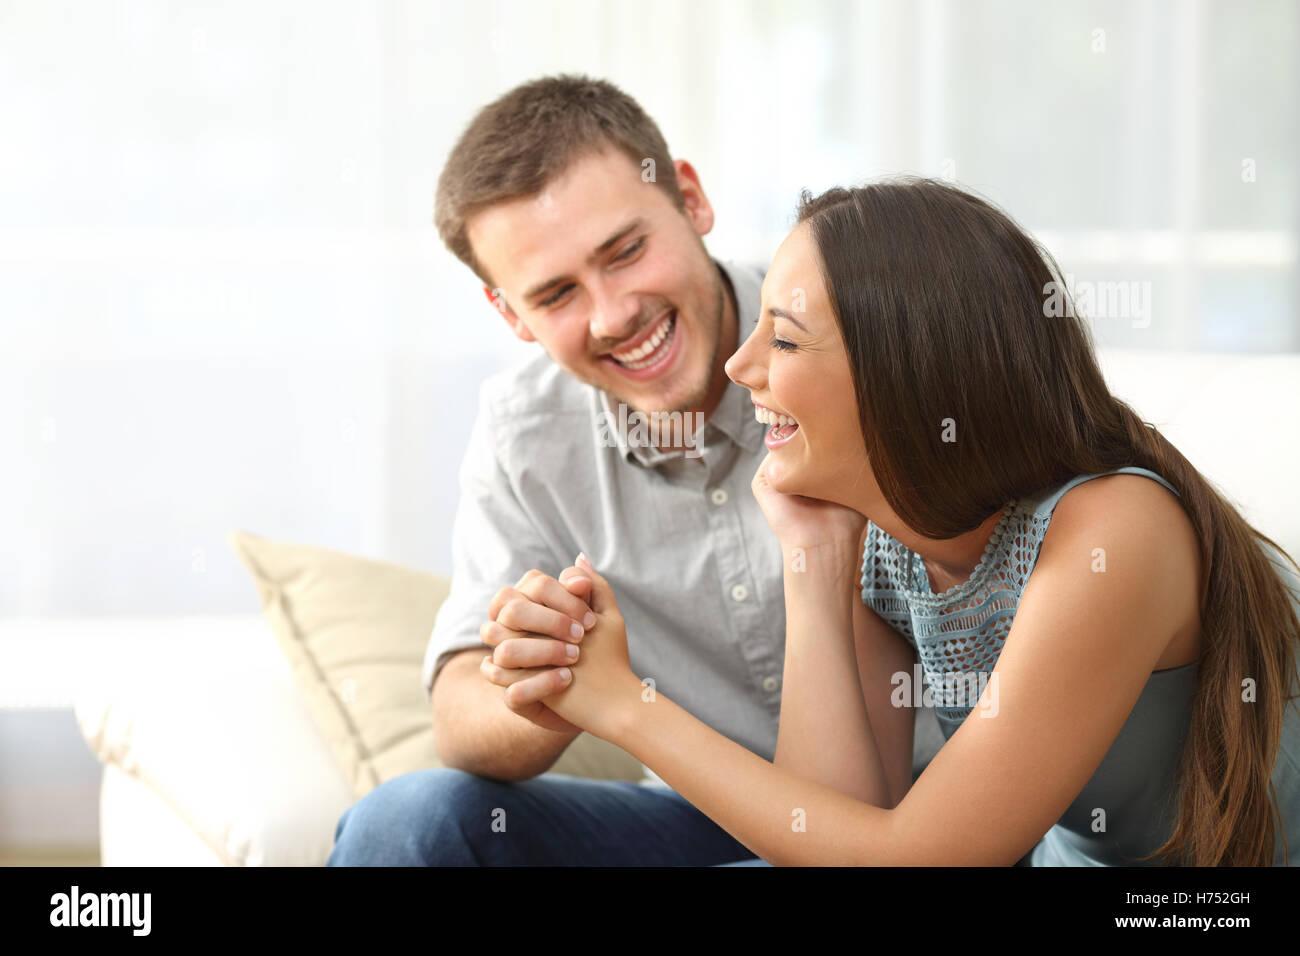 Feliz pareja o matrimonio buscando mutuamente riendo y tomados de la mano sentados en un sofá en casa Imagen De Stock